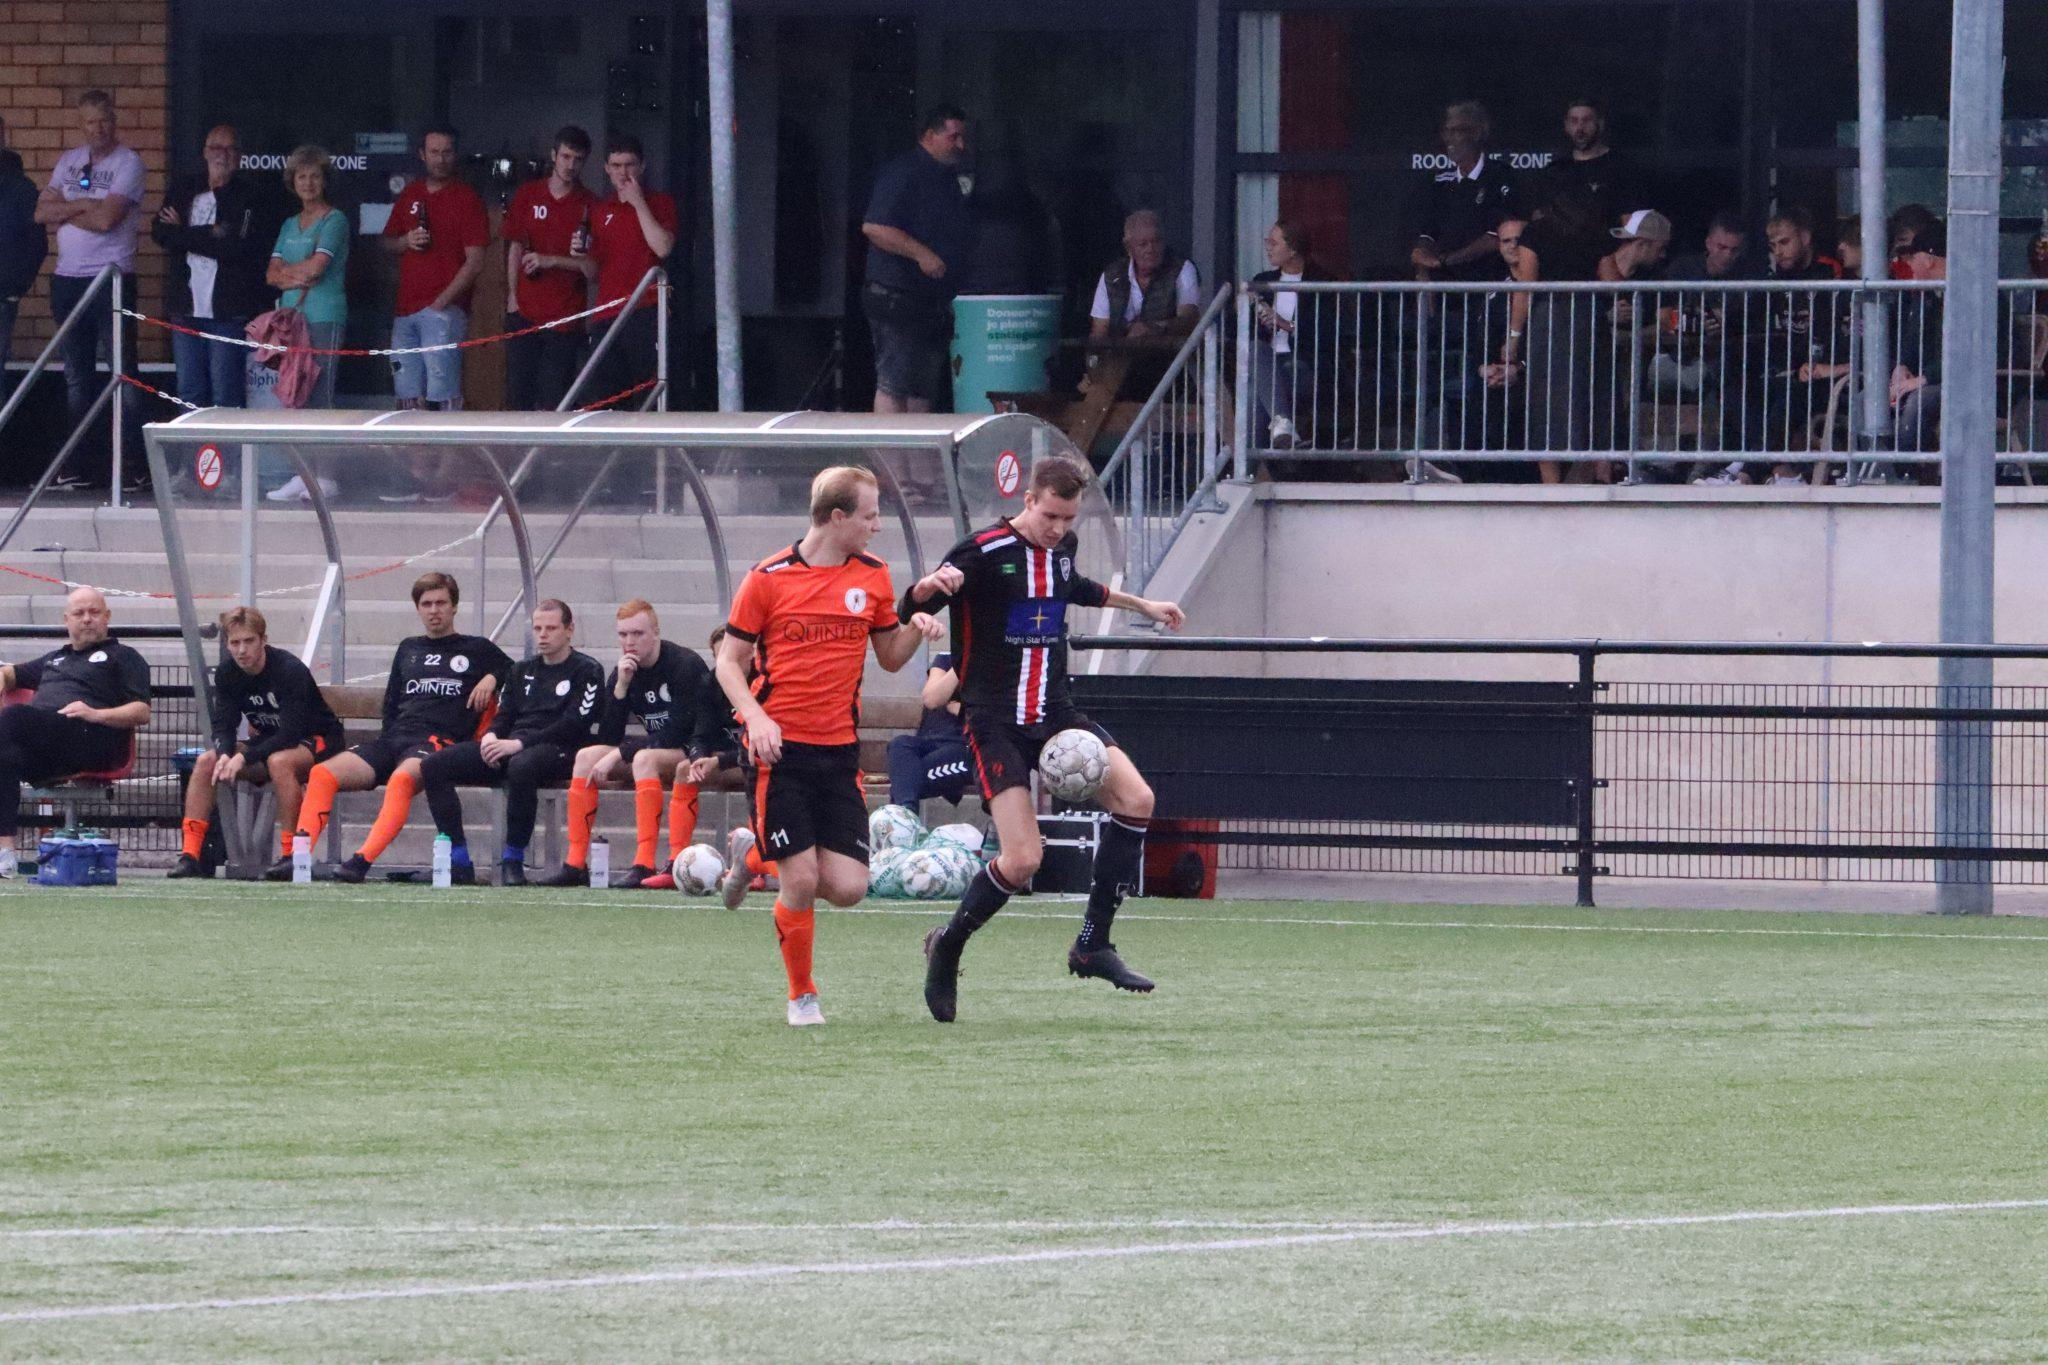 Gedisciplineerd VIOD 1 speelt gelijk tegen De Bataven (0-0)